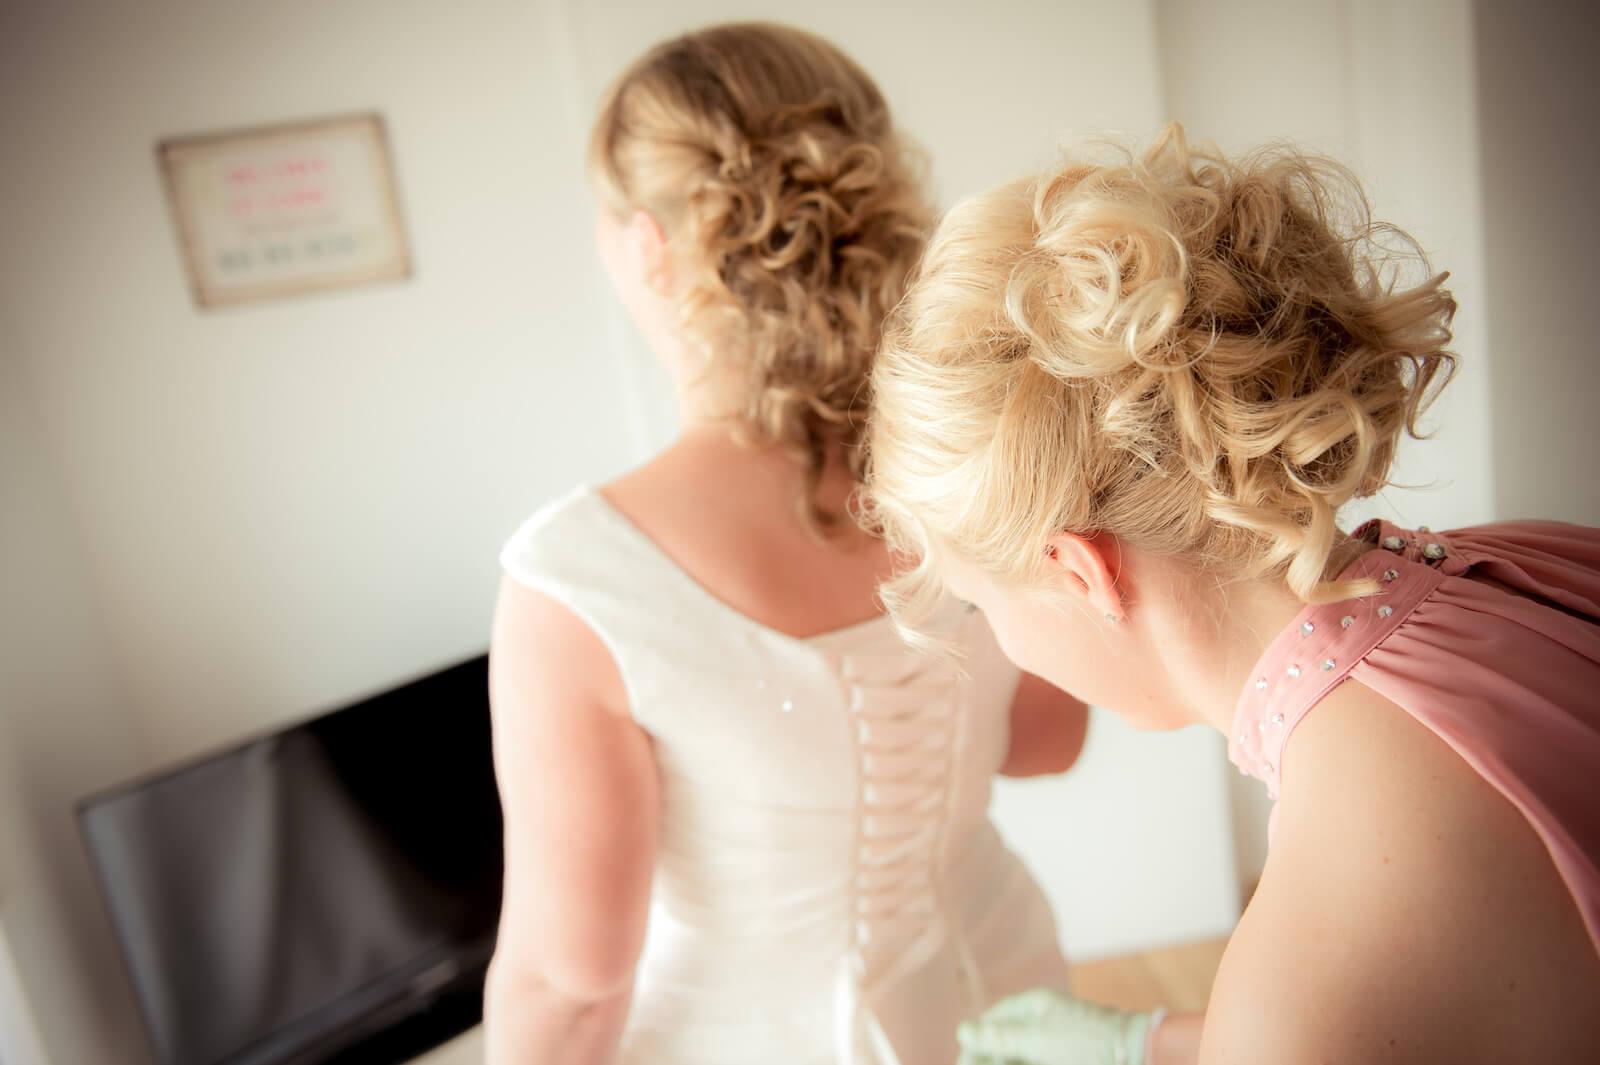 freie Trauung Ammersee - getting ready, das Brautkleid wird geschnürt